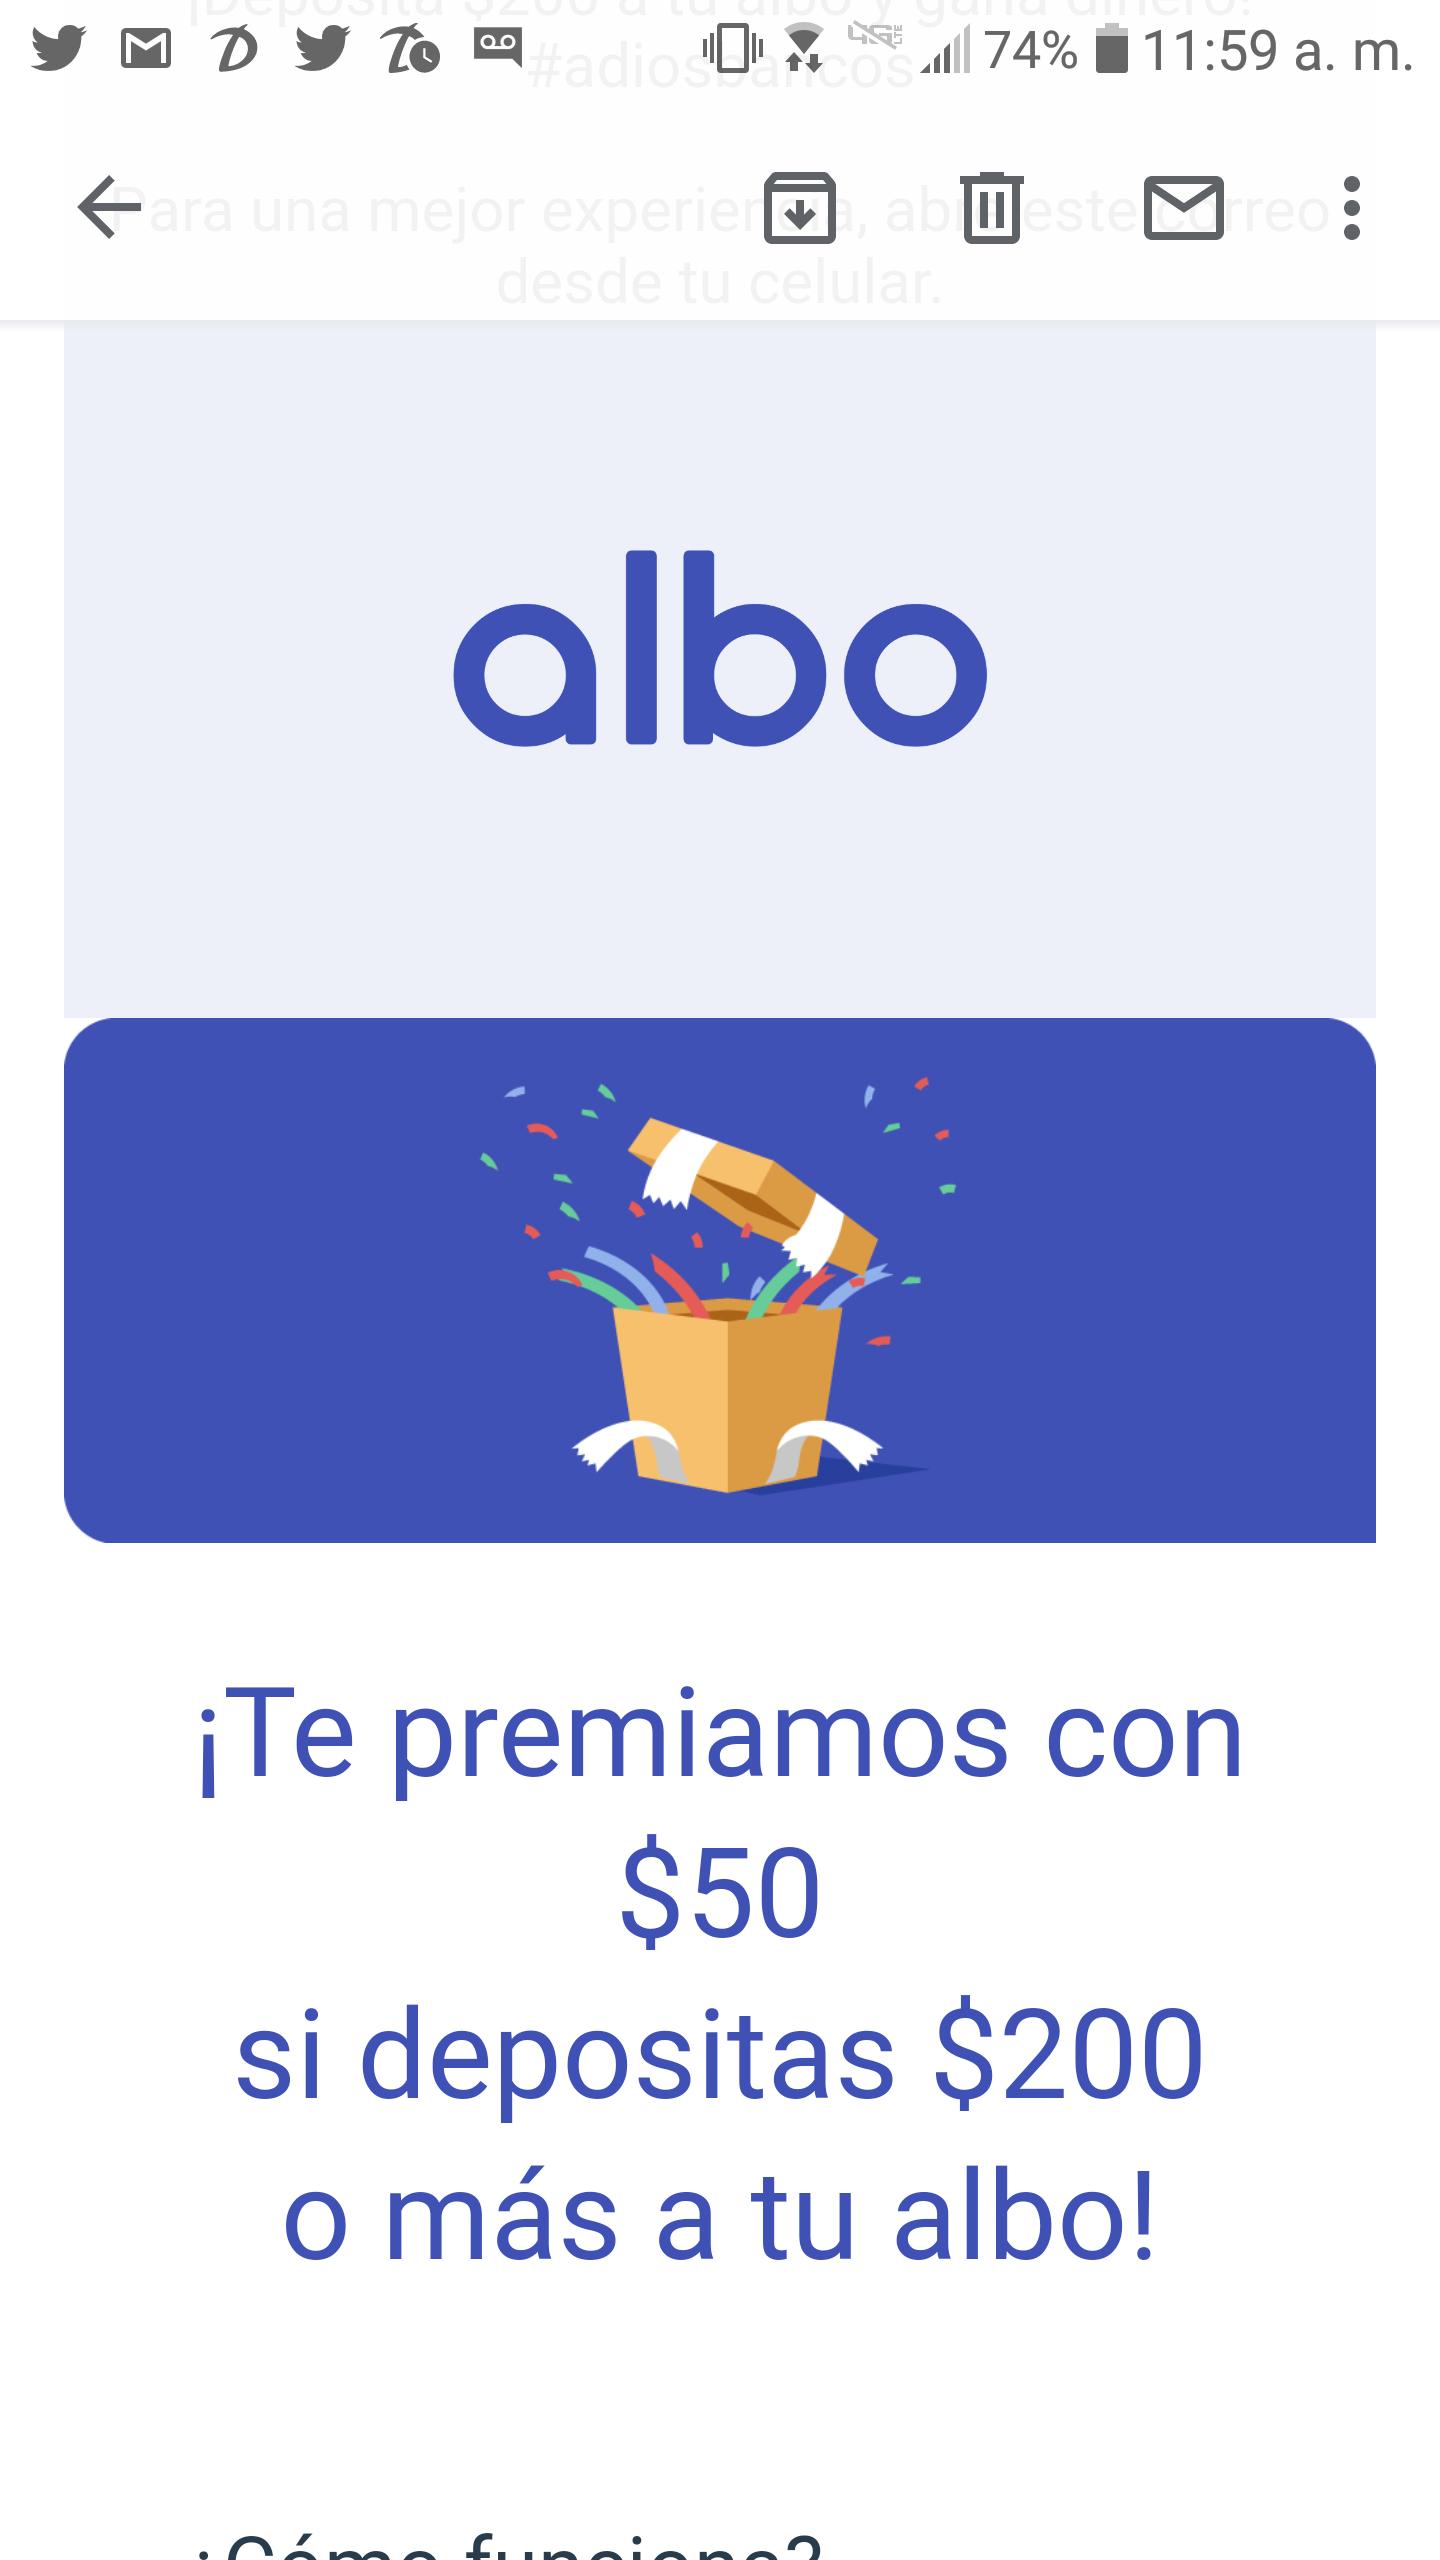 $50 gratis al depositar $200 en albo